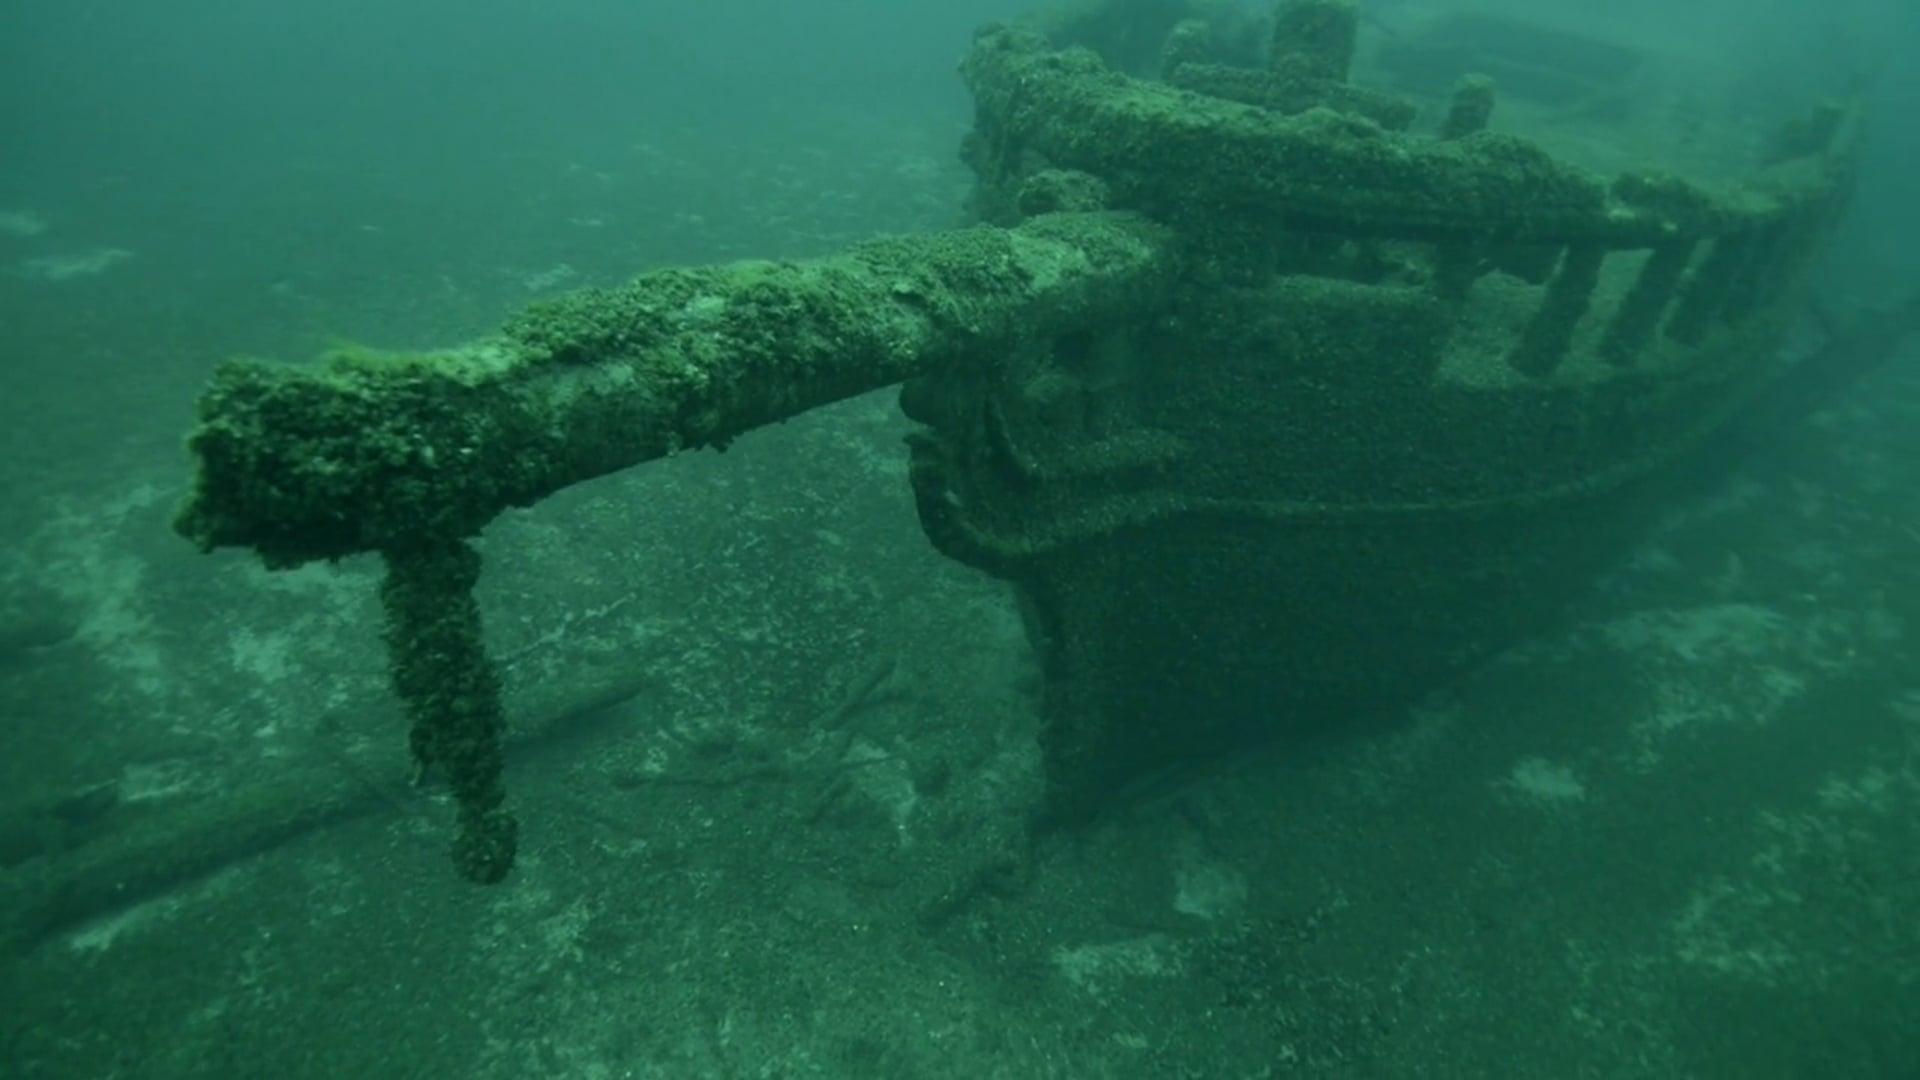 Diving the Northerner and Mahoning wrecks - Lake Michigan